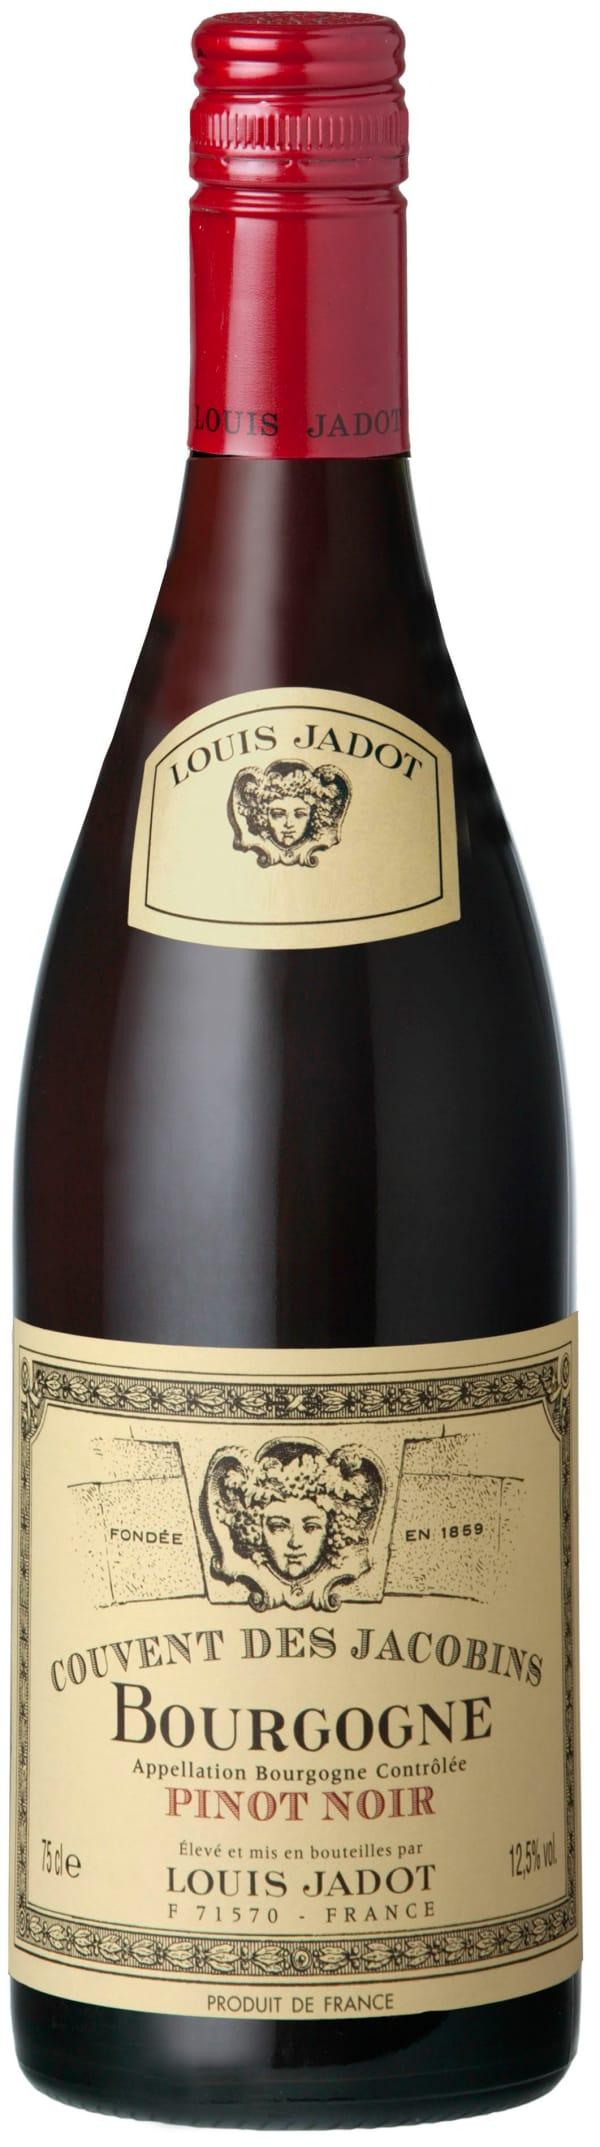 Louis Jadot Couvent des Jacobins Pinot Noir 2016